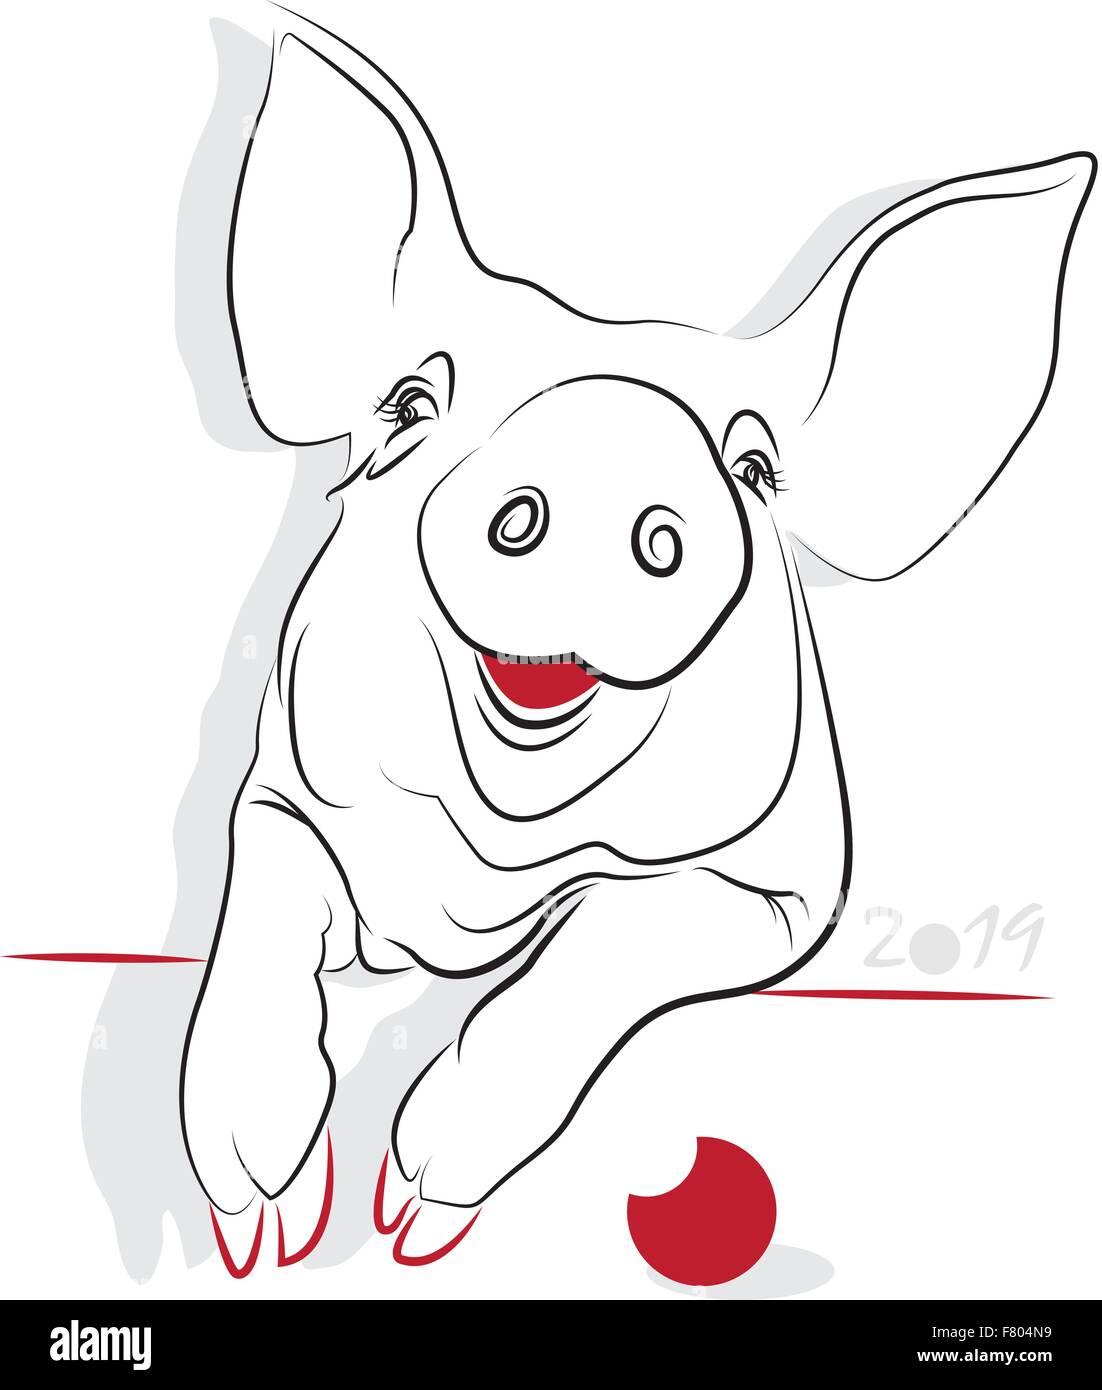 Chinesisches Neujahr 2019 vom Schwein (Pig-Jahr). Gruß oder ...